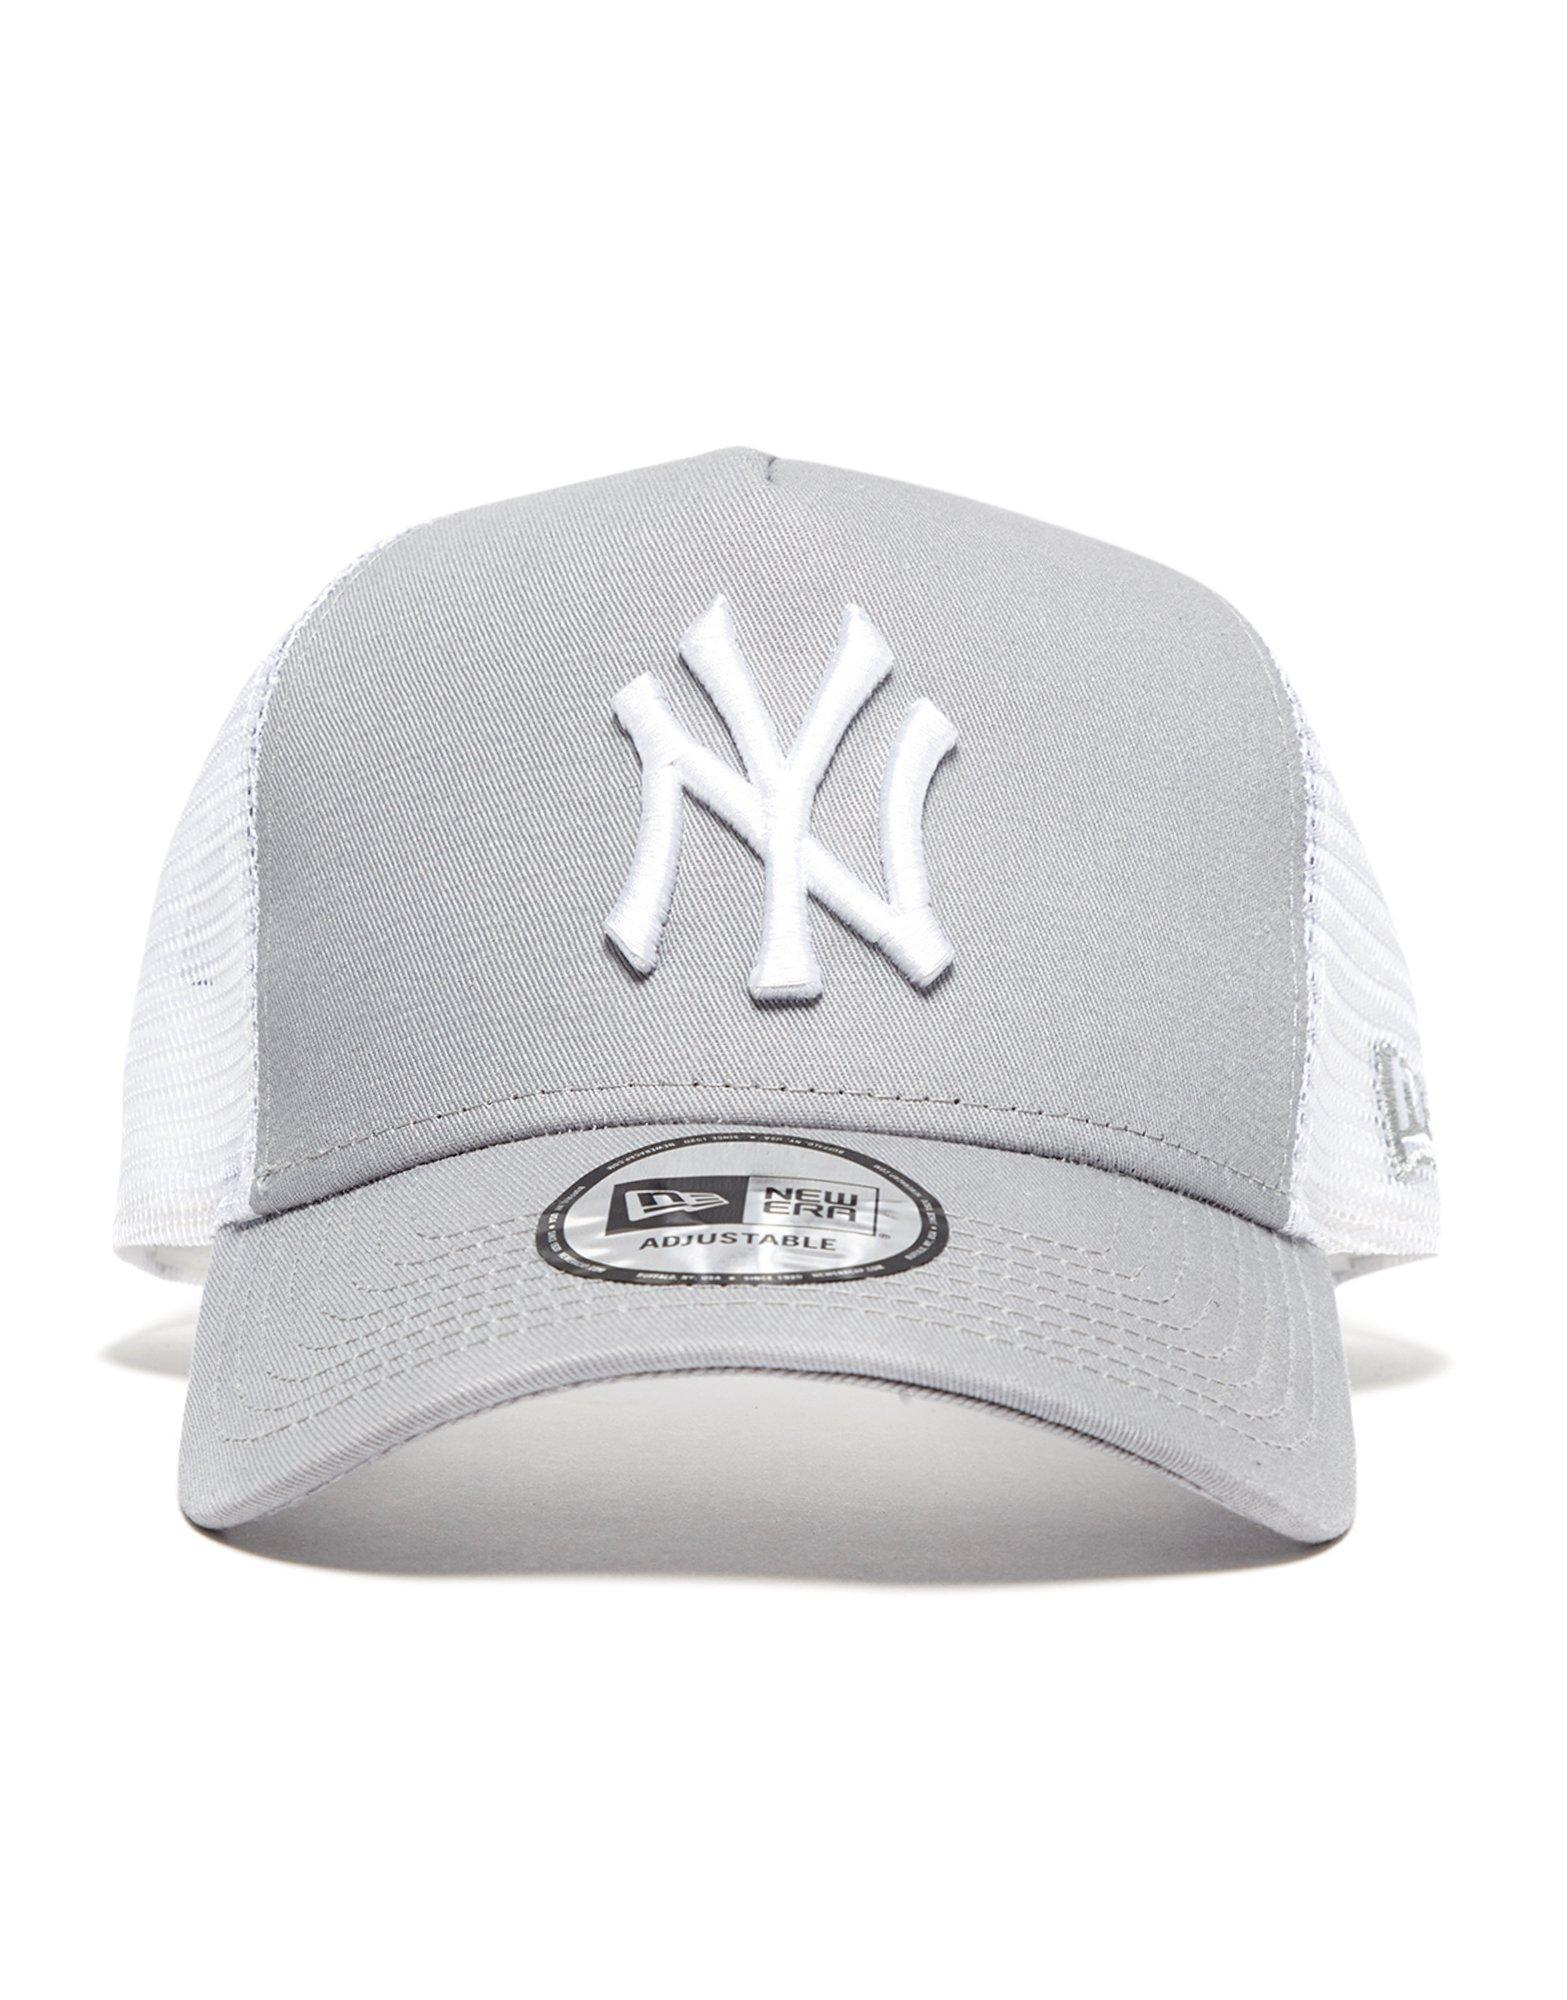 e6880445fe5 Lyst - Ktz Mlb New York Yankees Snapback Trucker Cap in Gray for Men